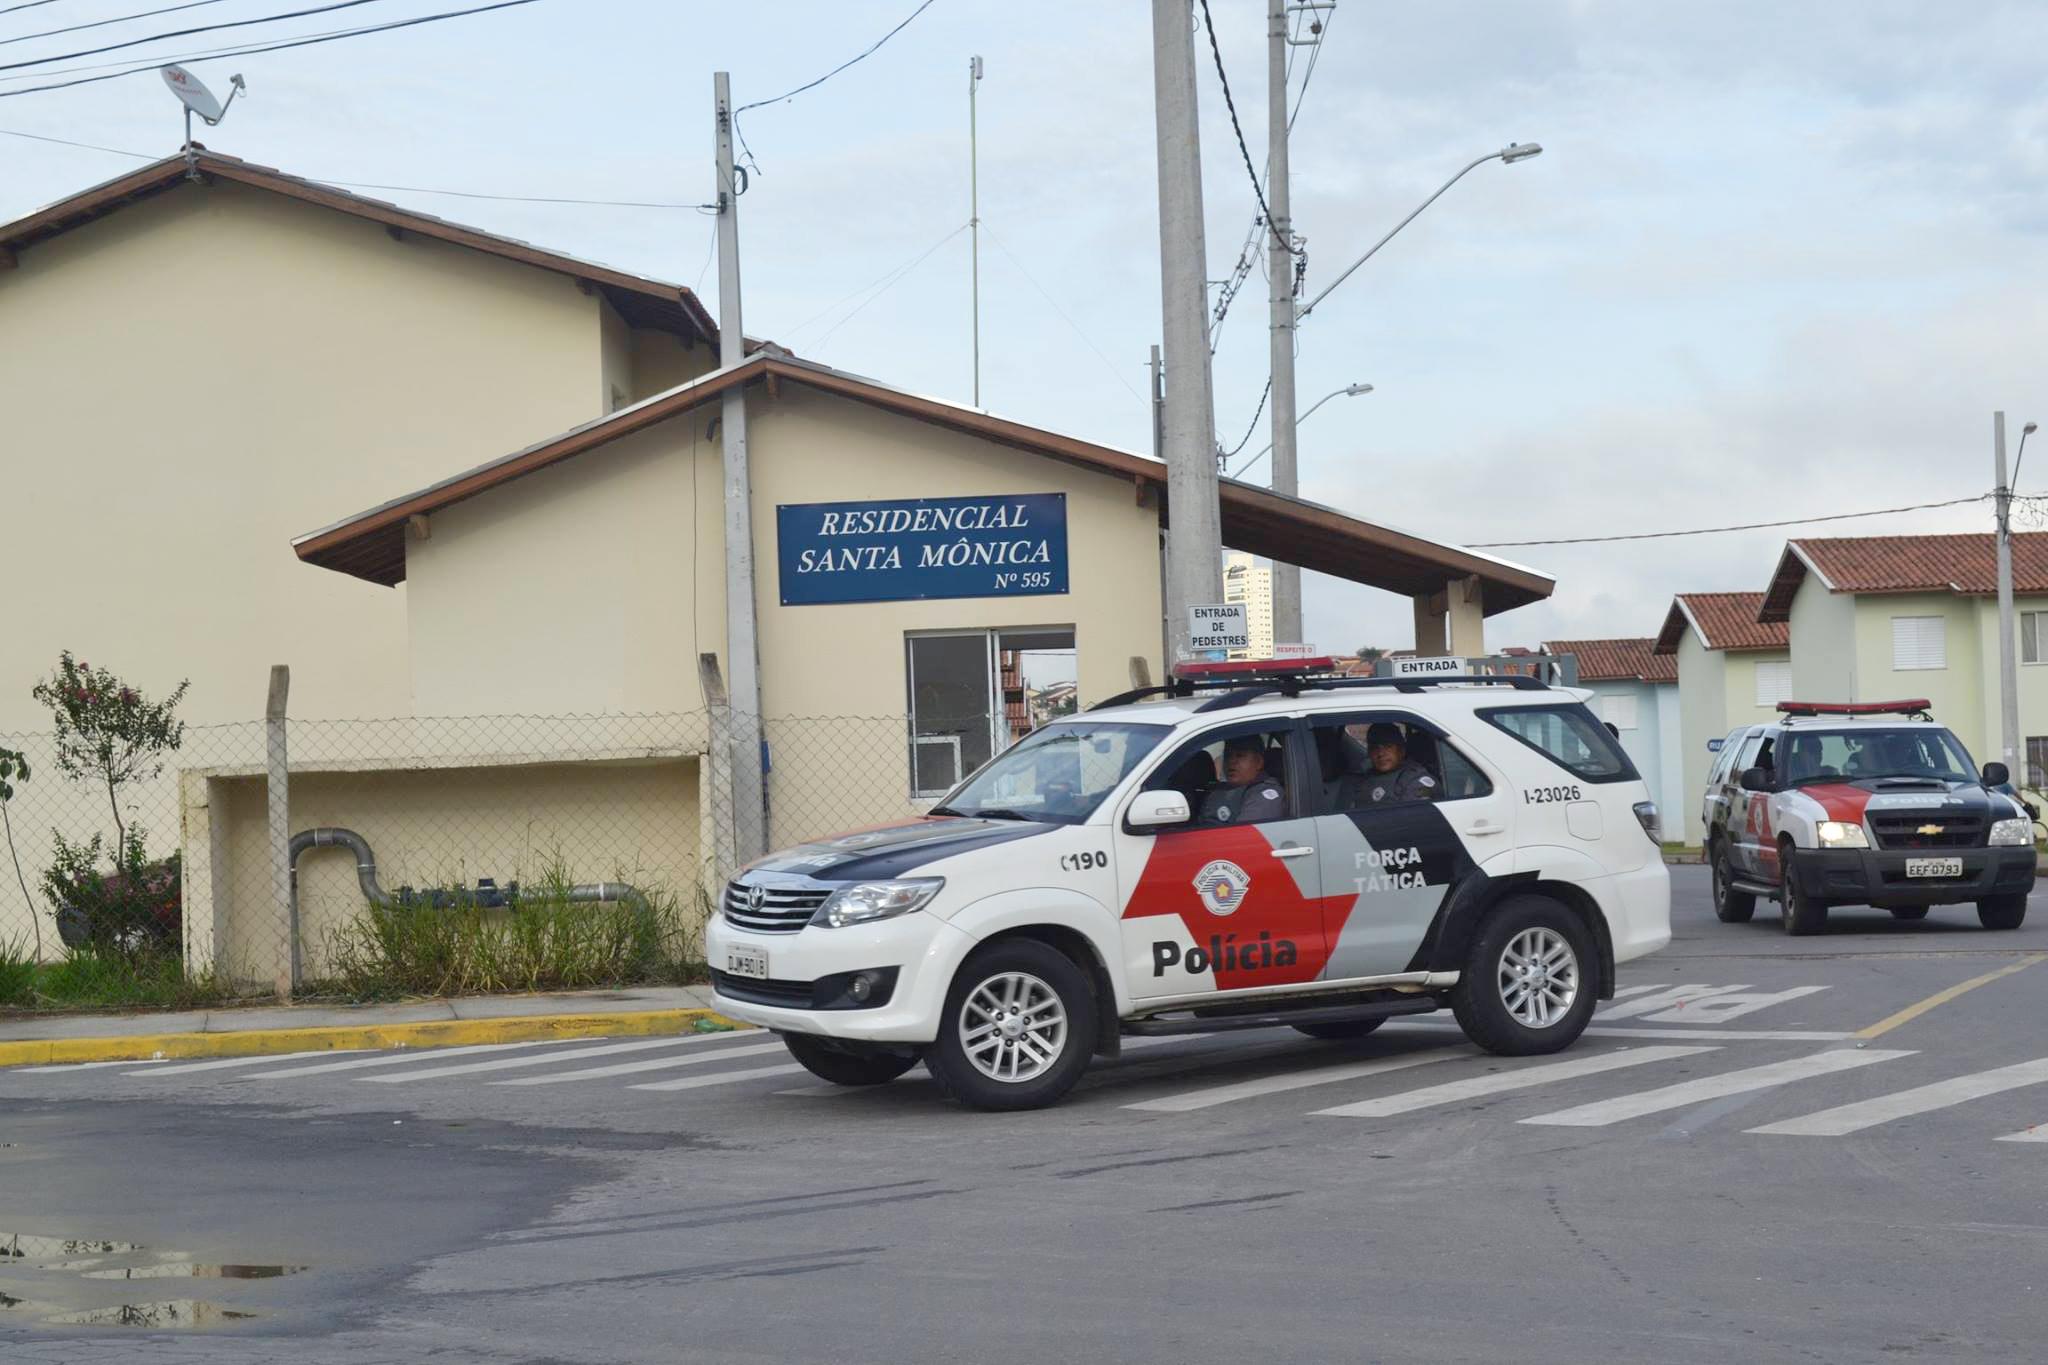 Viaturas da PM durante operação que apreendeu drogas e arma em Guaratinguetá (Thiago Datena)